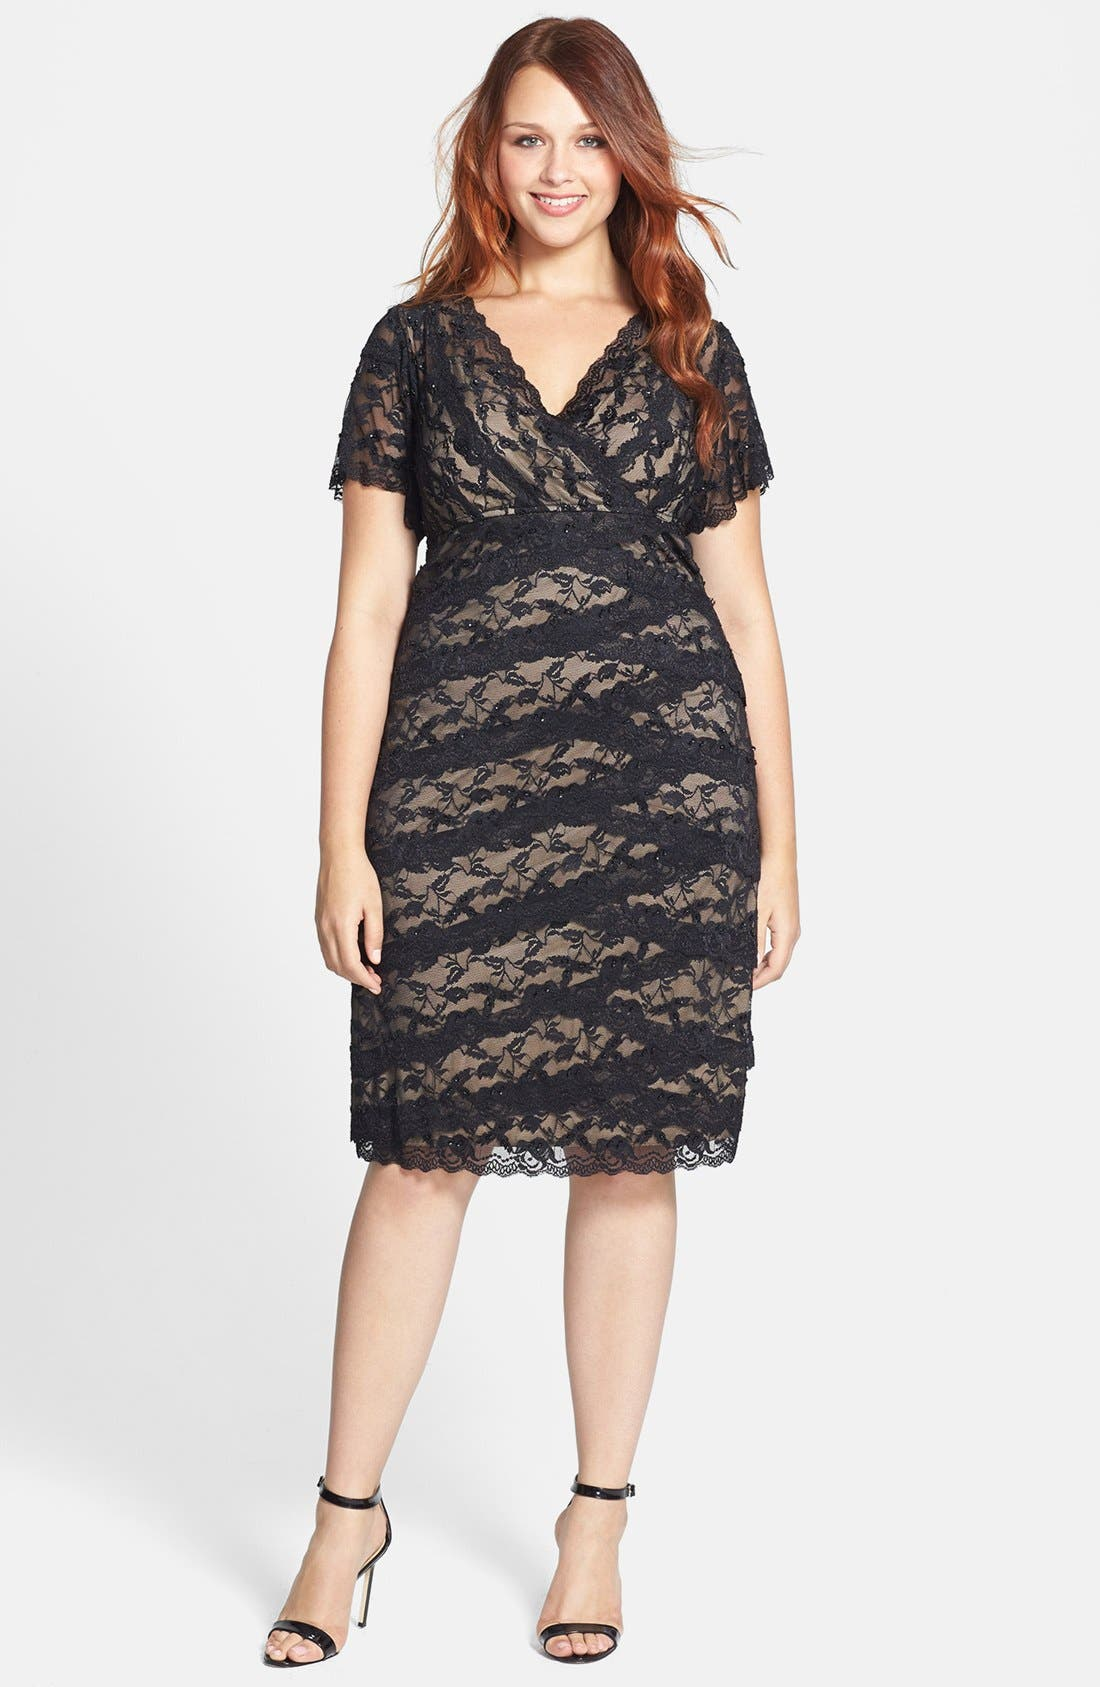 Alternate Image 1 Selected - Marina Beaded Lace Dress (Plus Size)